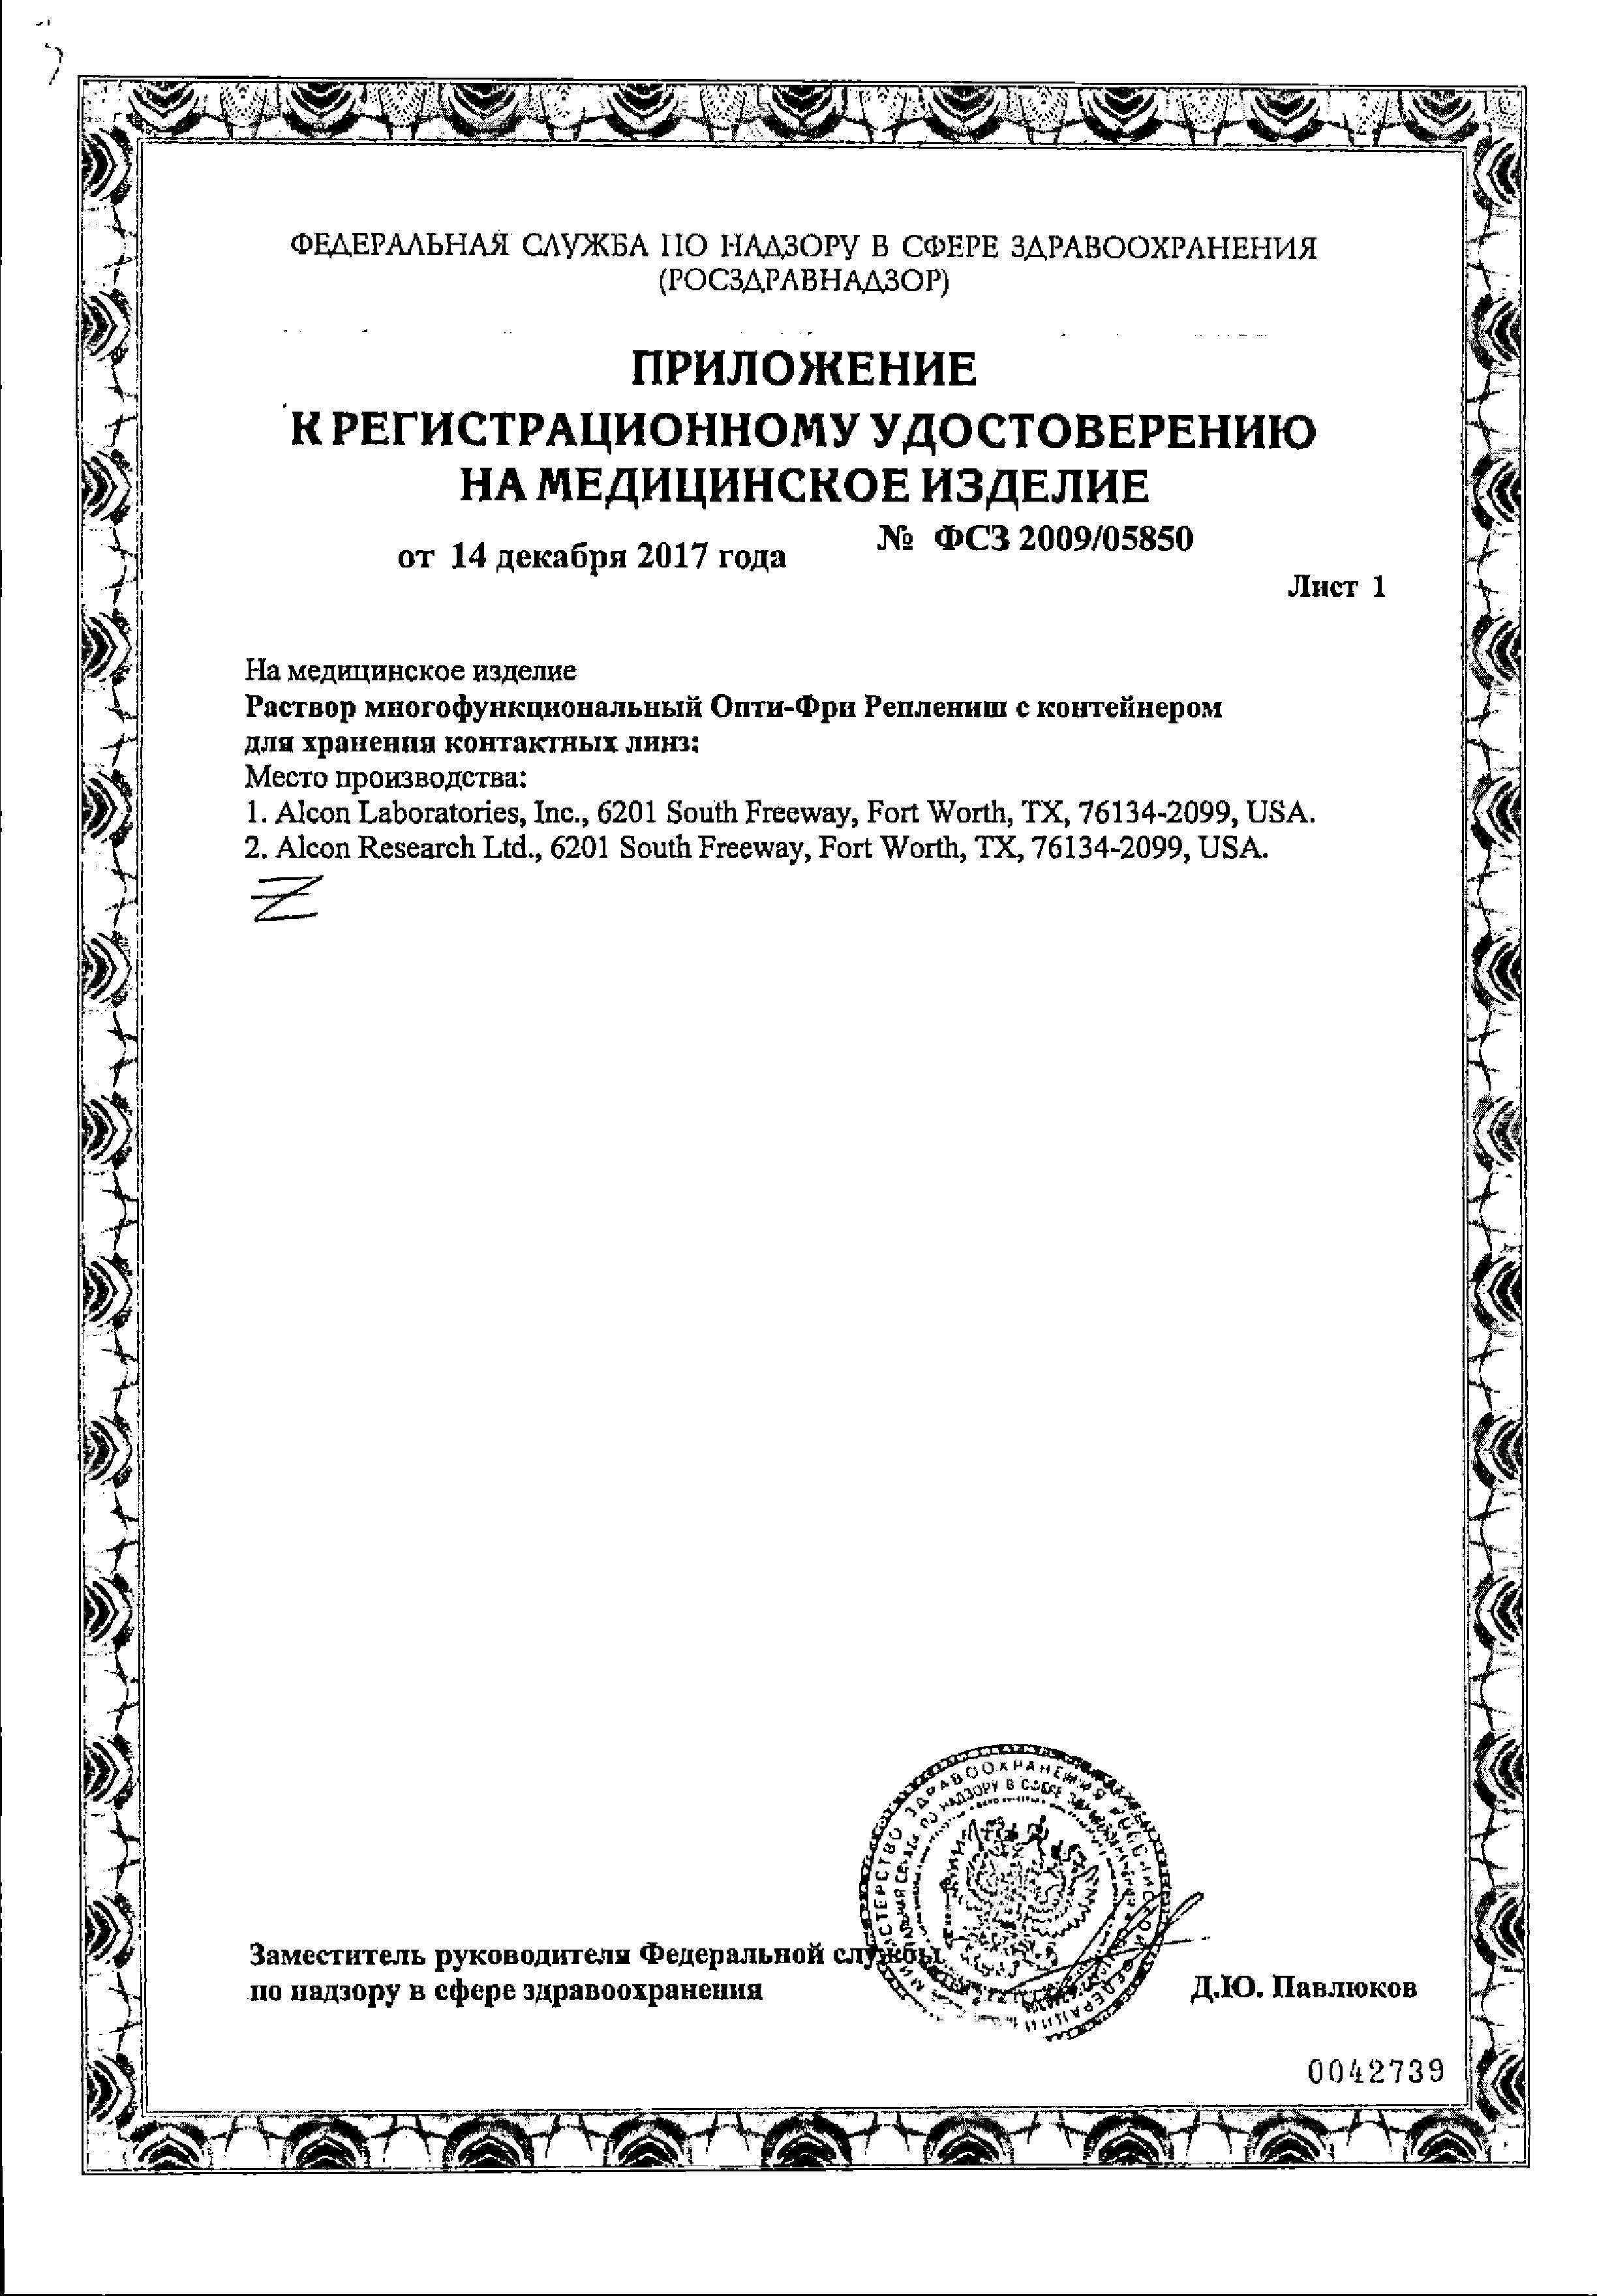 Опти-Фри